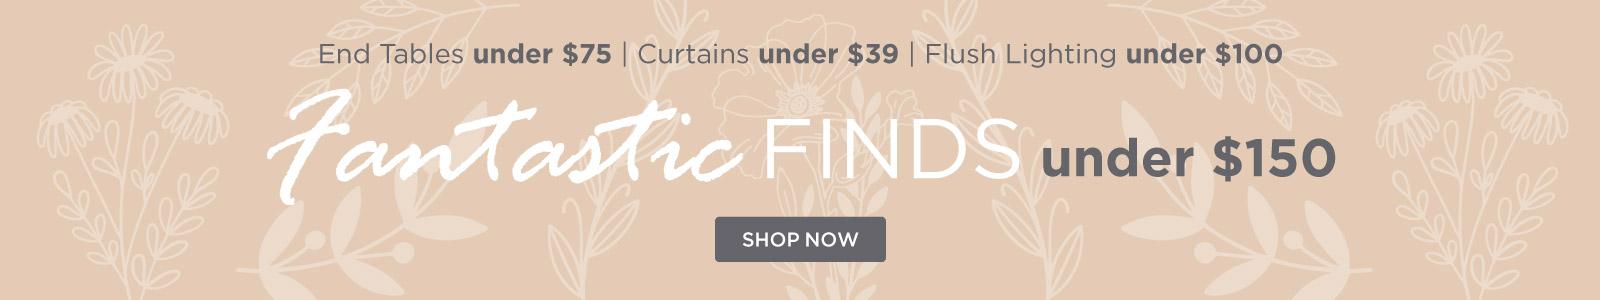 Fantastic Finds under $150